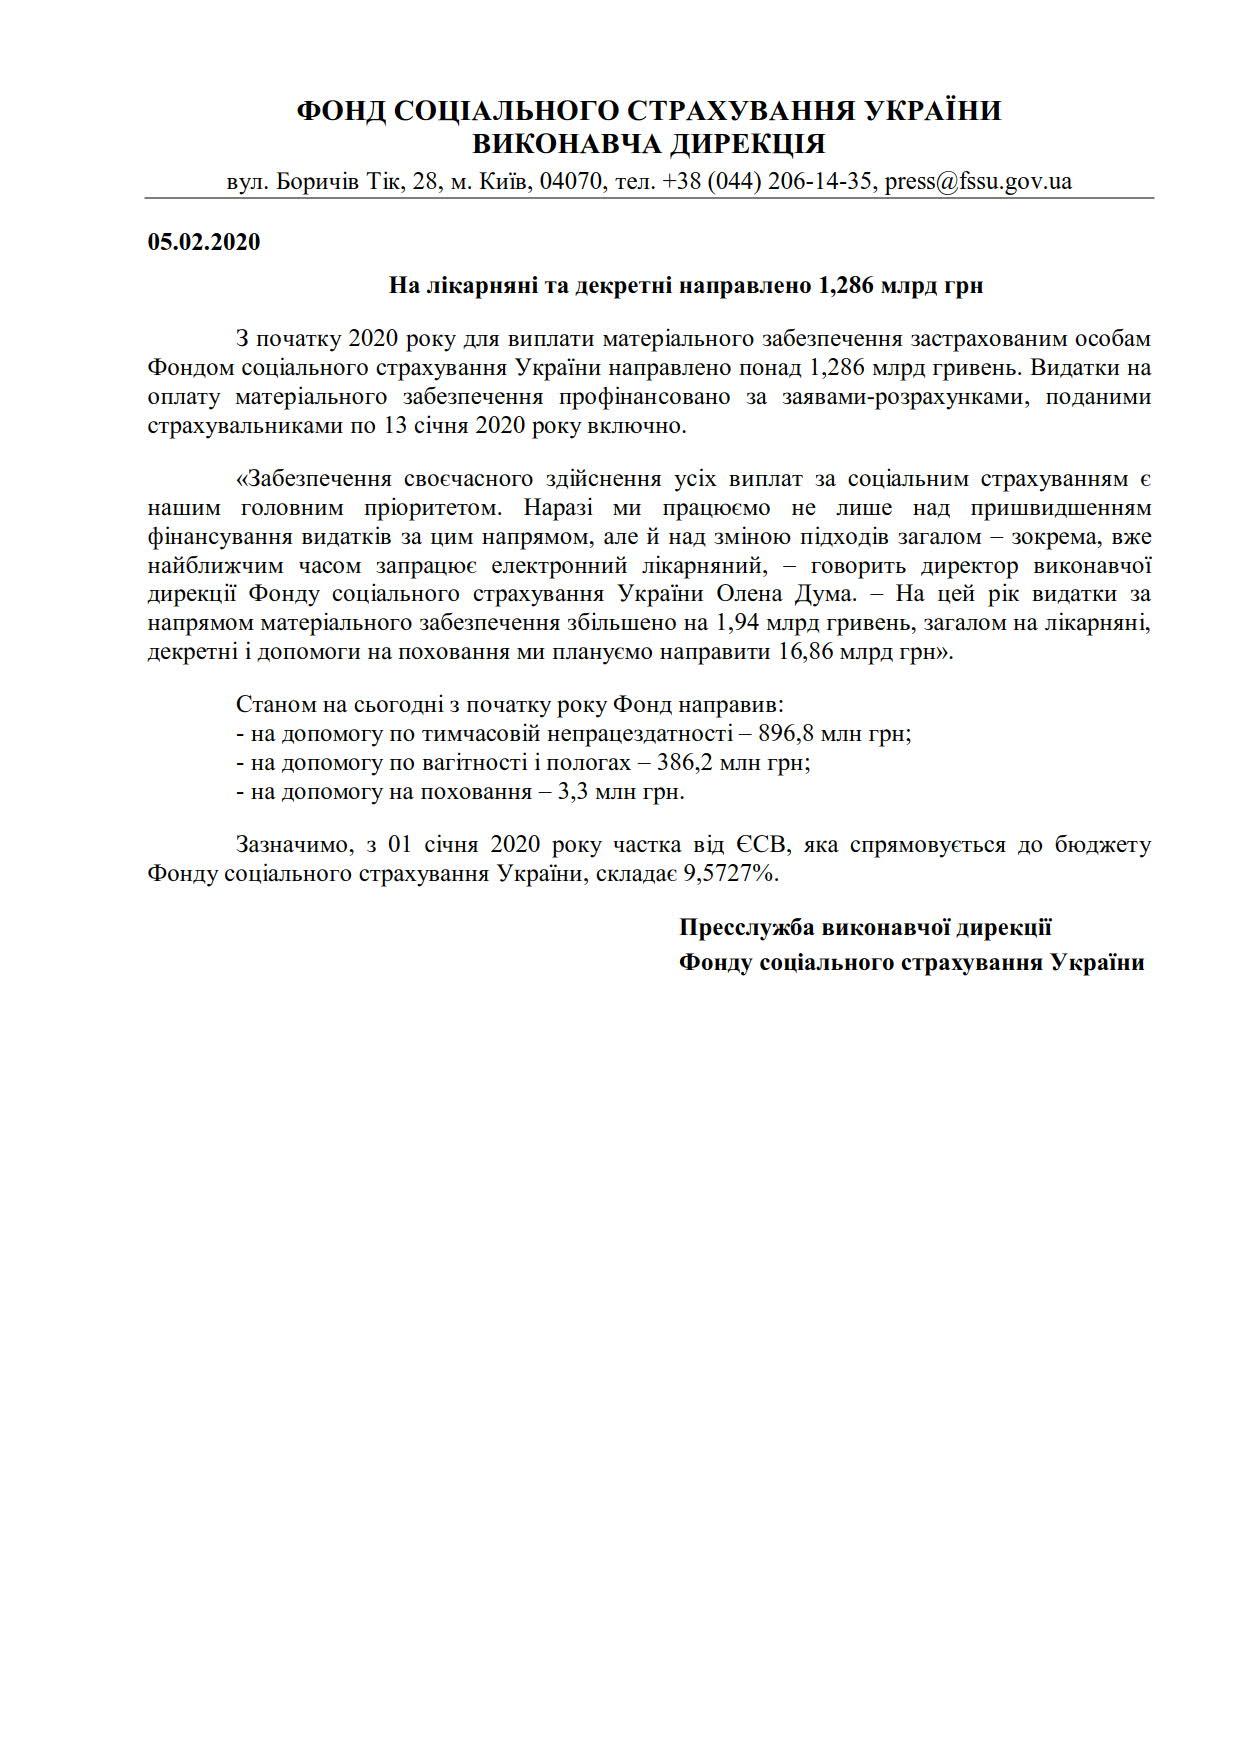 ФССУ_Матзабезпечення січень_1